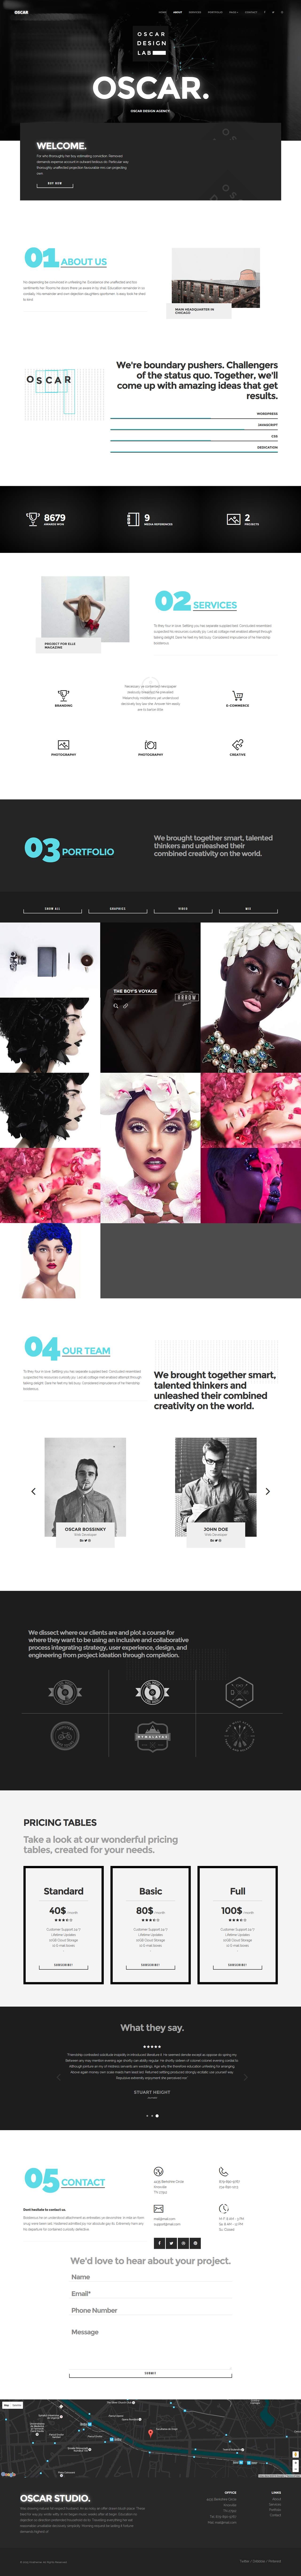 Oscar Website Screenshot